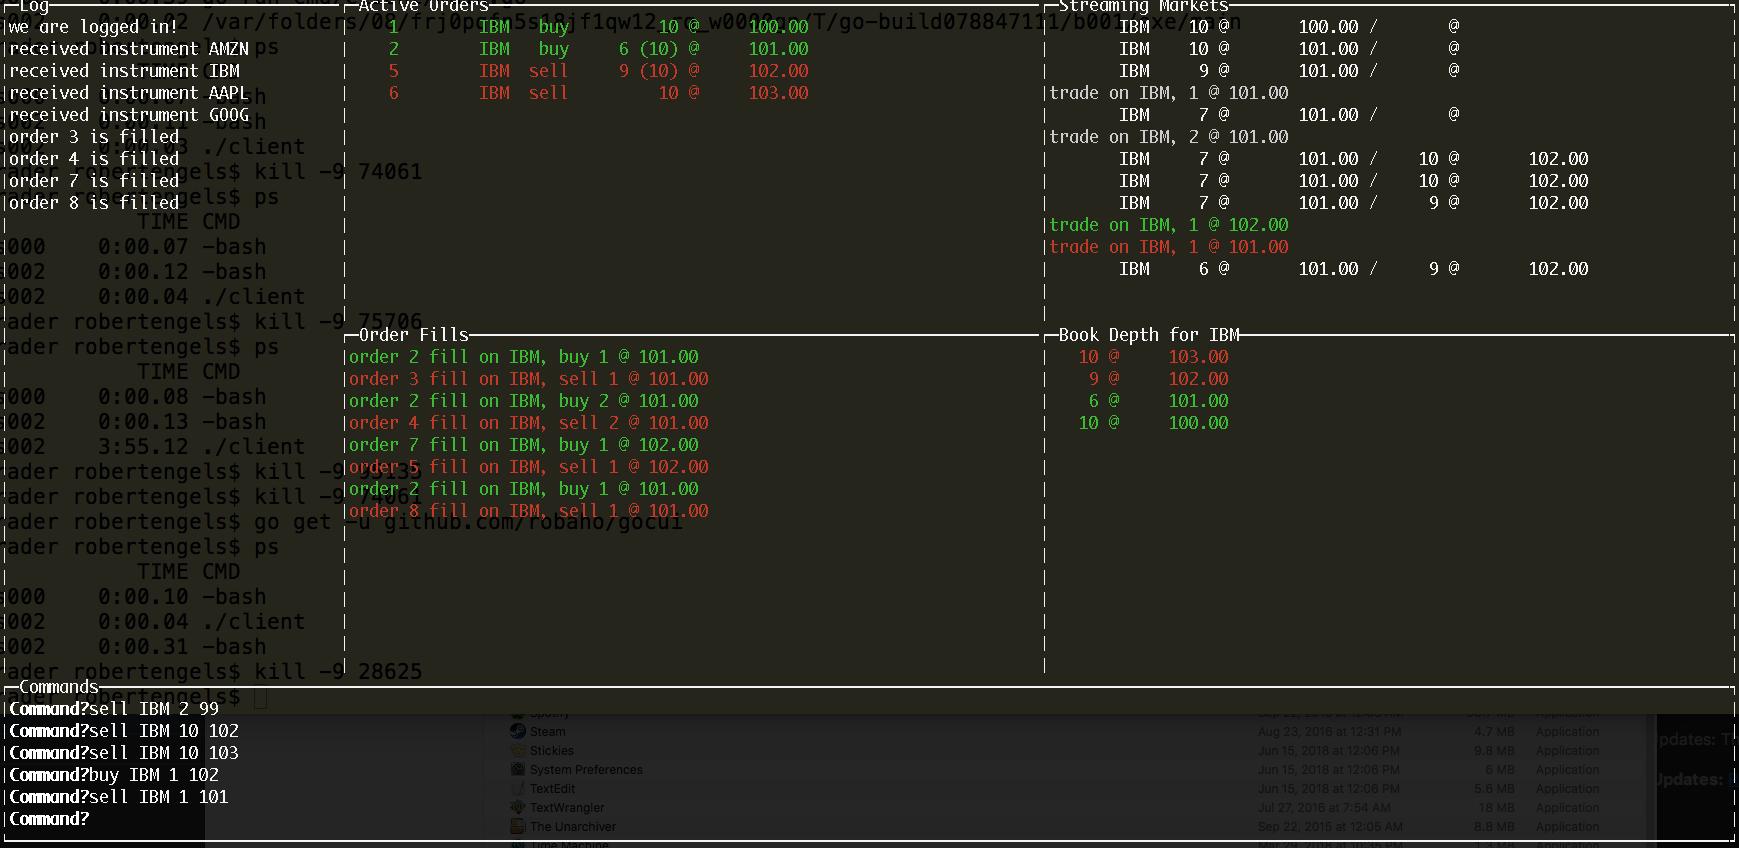 client screen shot